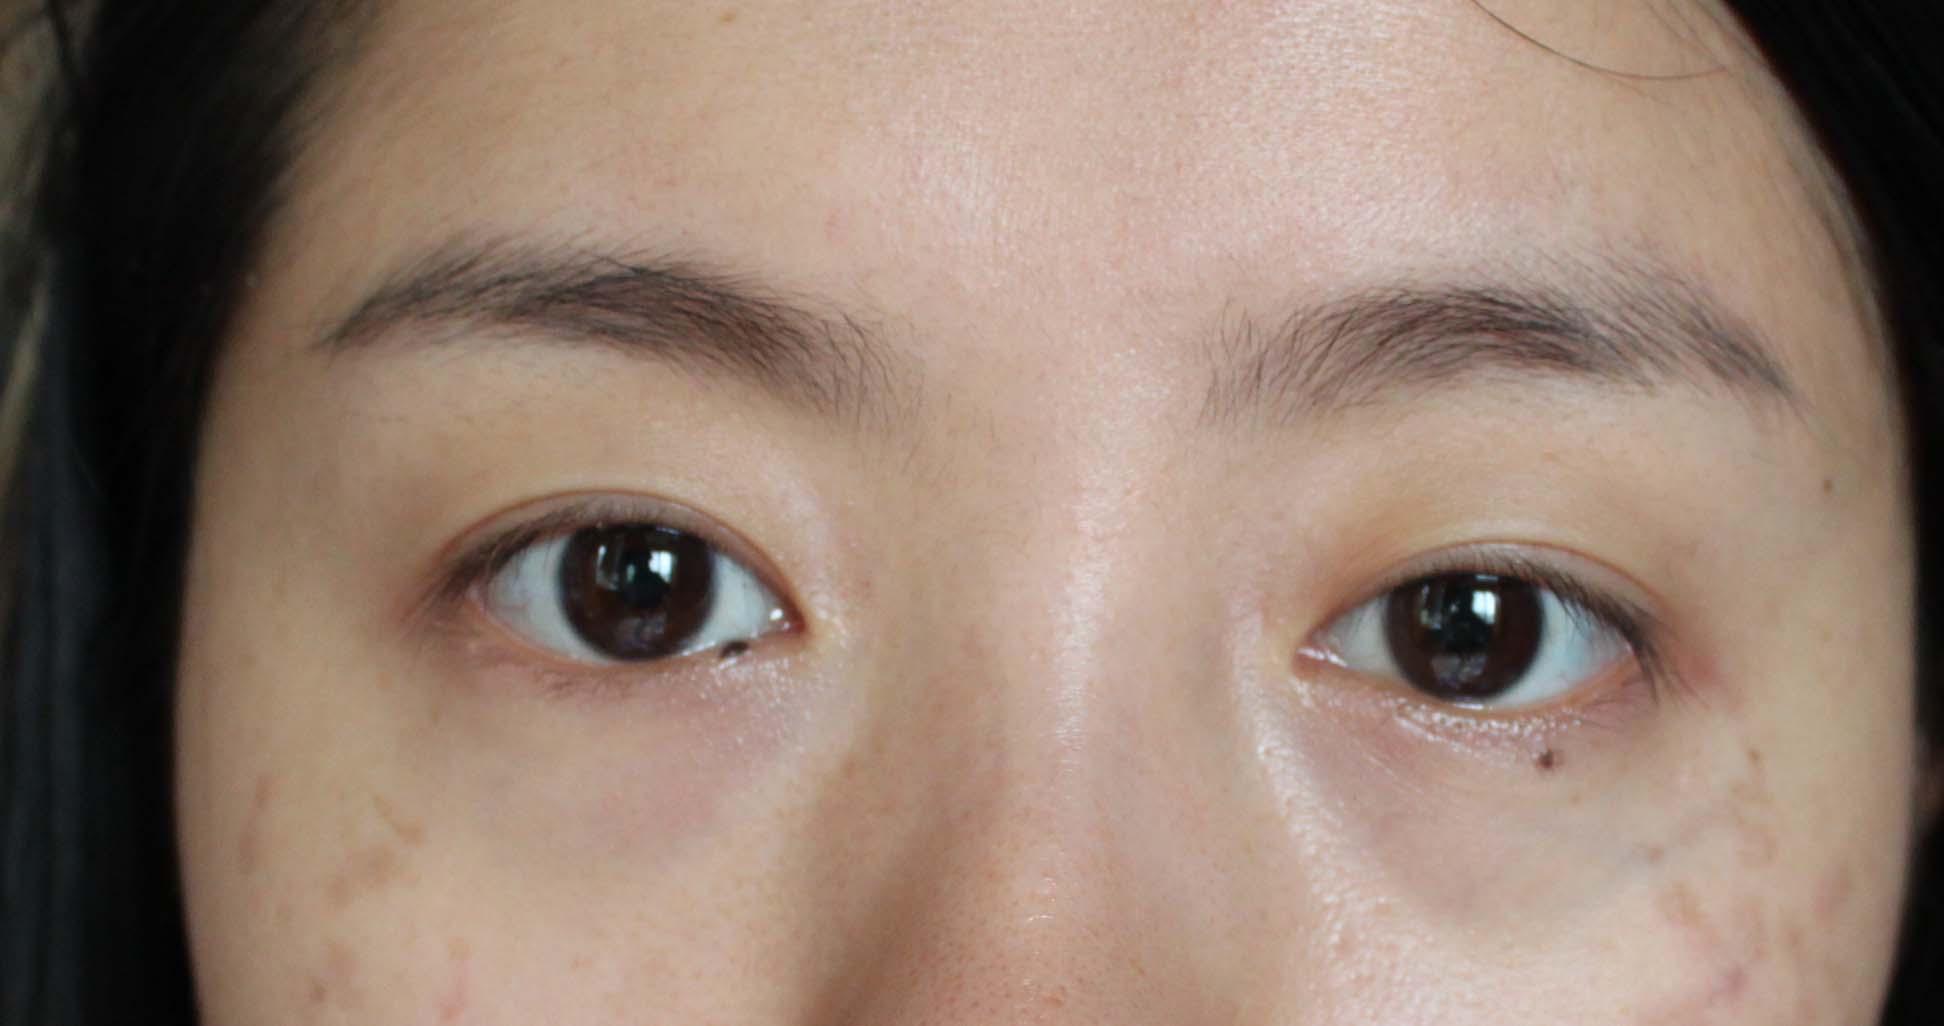 贴了一个礼拜的双眼皮贴导致眼皮松弛,还能恢复吗 不要做手术